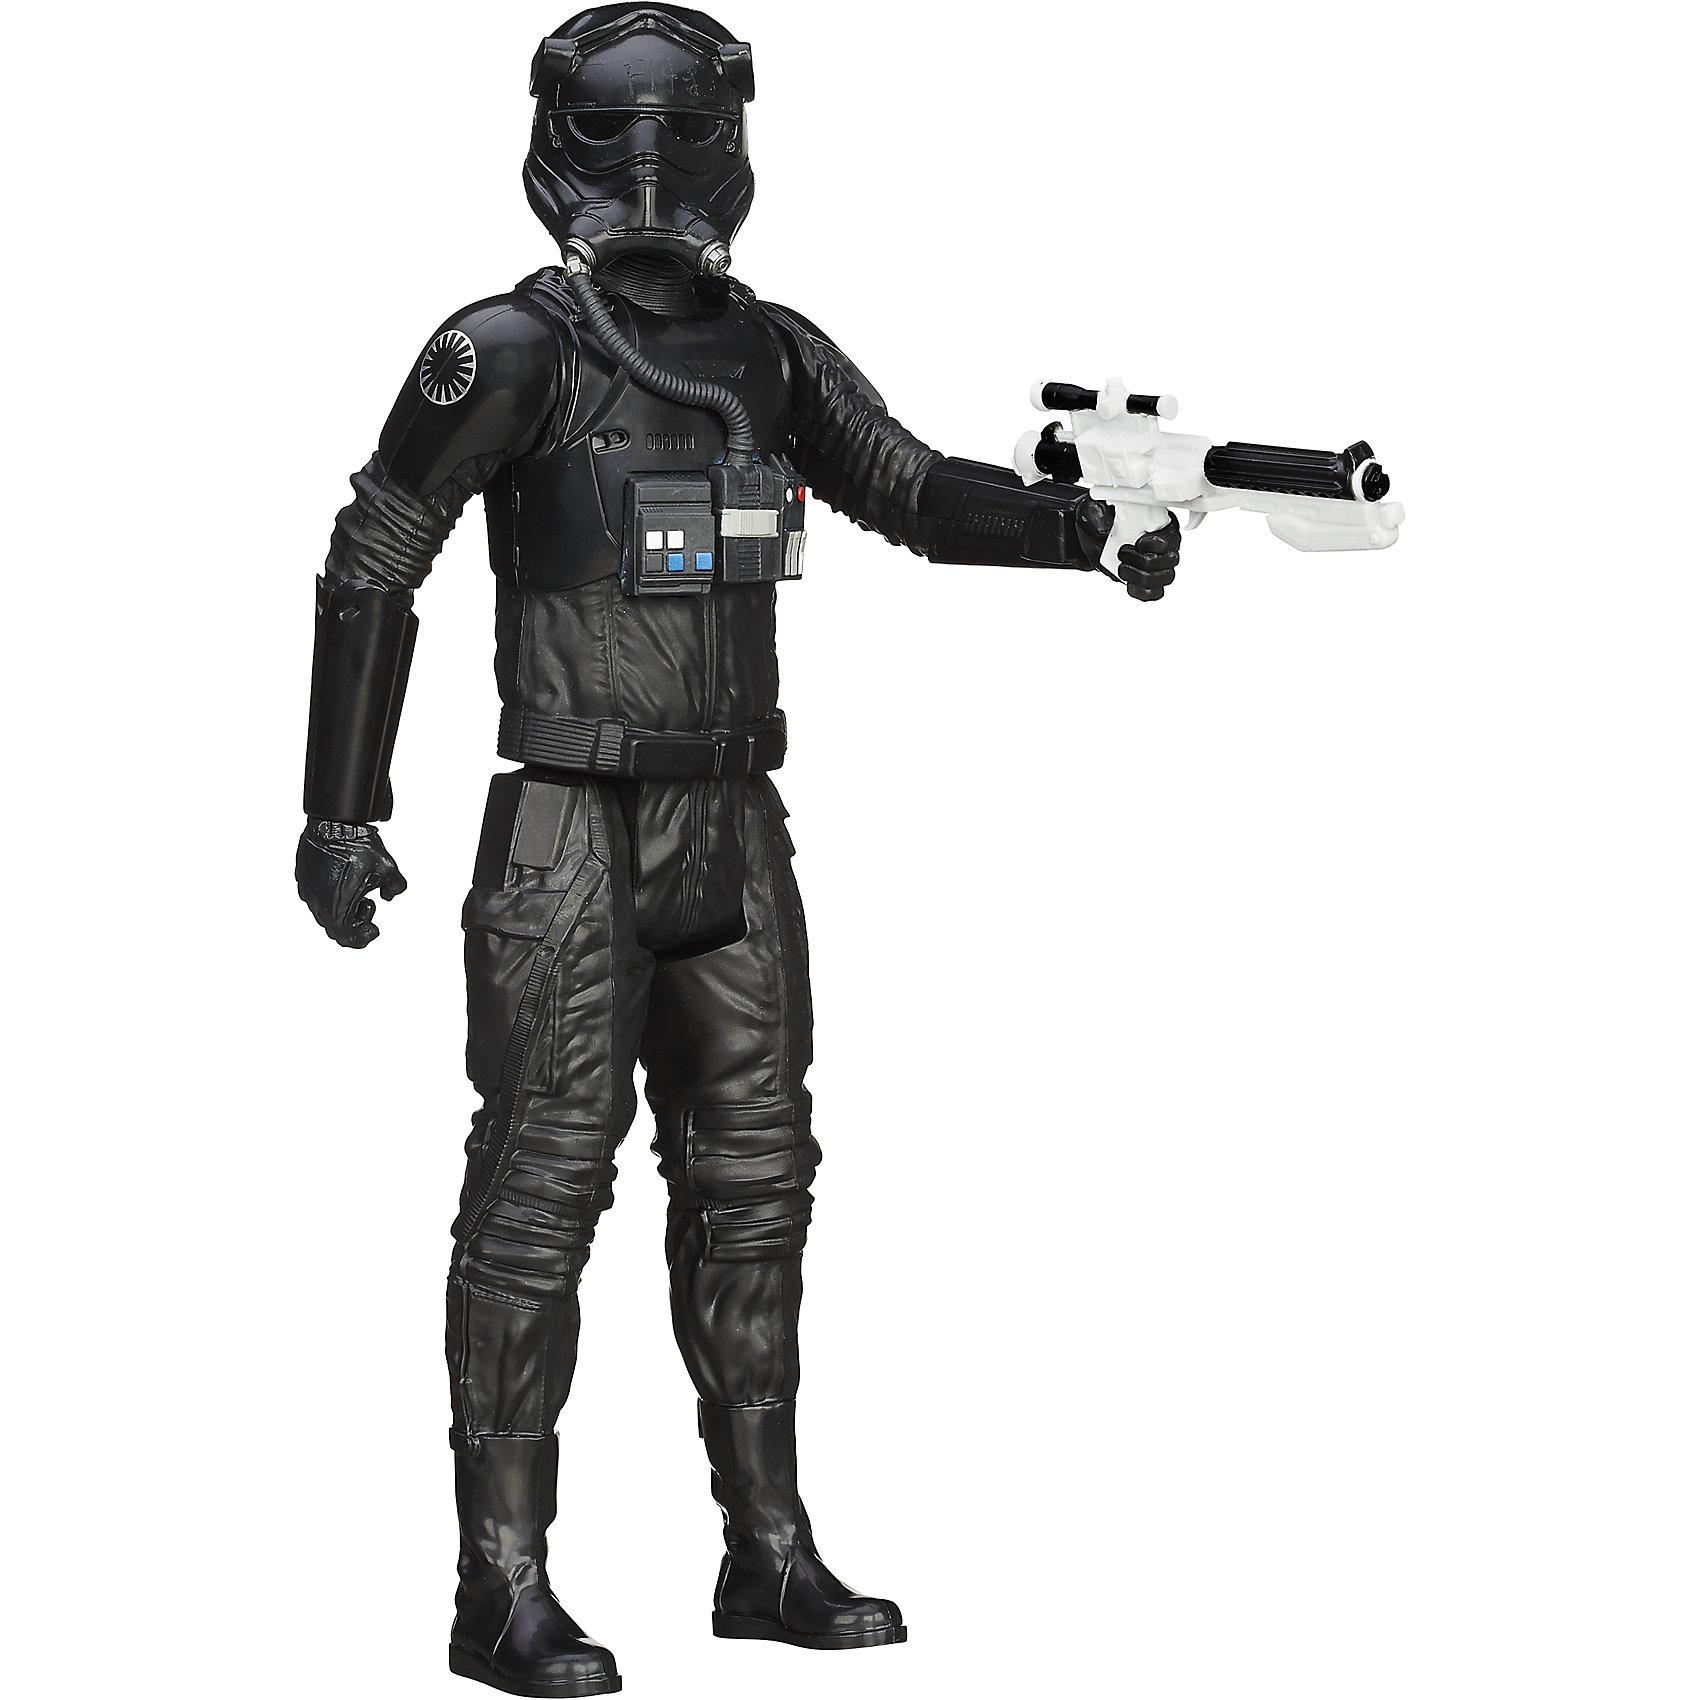 Титаны: Tie Пилот, Герои вселенной, Звездные ВойныКоллекционные и игровые фигурки<br>Фигурка Пилота Tie от Hasbro, станет приятным сюрпризом для вашего ребенка, особенно если он является поклонником популярной фантастической киносаги Star Wars. Фигурка выполнена из высококачественного пластика, прекрасно детализирована и реалистично раскрашена. Теперь можно разыгрывать по-настоящему масштабные сражения с любимыми персонажами. У фигурки подвижные части тела с 5 точками артикуляции, что позволяет придать ей любую позу. <br><br>Дополнительная информация:  <br><br>- В комплекте: 1 фигурка, 1 оружие.<br>- Материал: пластик. <br>- Высота фигурки: 30 см. <br>- Размер упаковки: 30,5 х 5 х 10 см.   <br>- Голова, руки, ноги подвижные.<br><br>Фигурку Титаны: Tie Пилот, Герои вселенной, Звездные Войны (Star Wars), можно купить в нашем интернет-магазине.<br><br>Ширина мм: 309<br>Глубина мм: 102<br>Высота мм: 57<br>Вес г: 328<br>Возраст от месяцев: 48<br>Возраст до месяцев: 96<br>Пол: Мужской<br>Возраст: Детский<br>SKU: 4702909